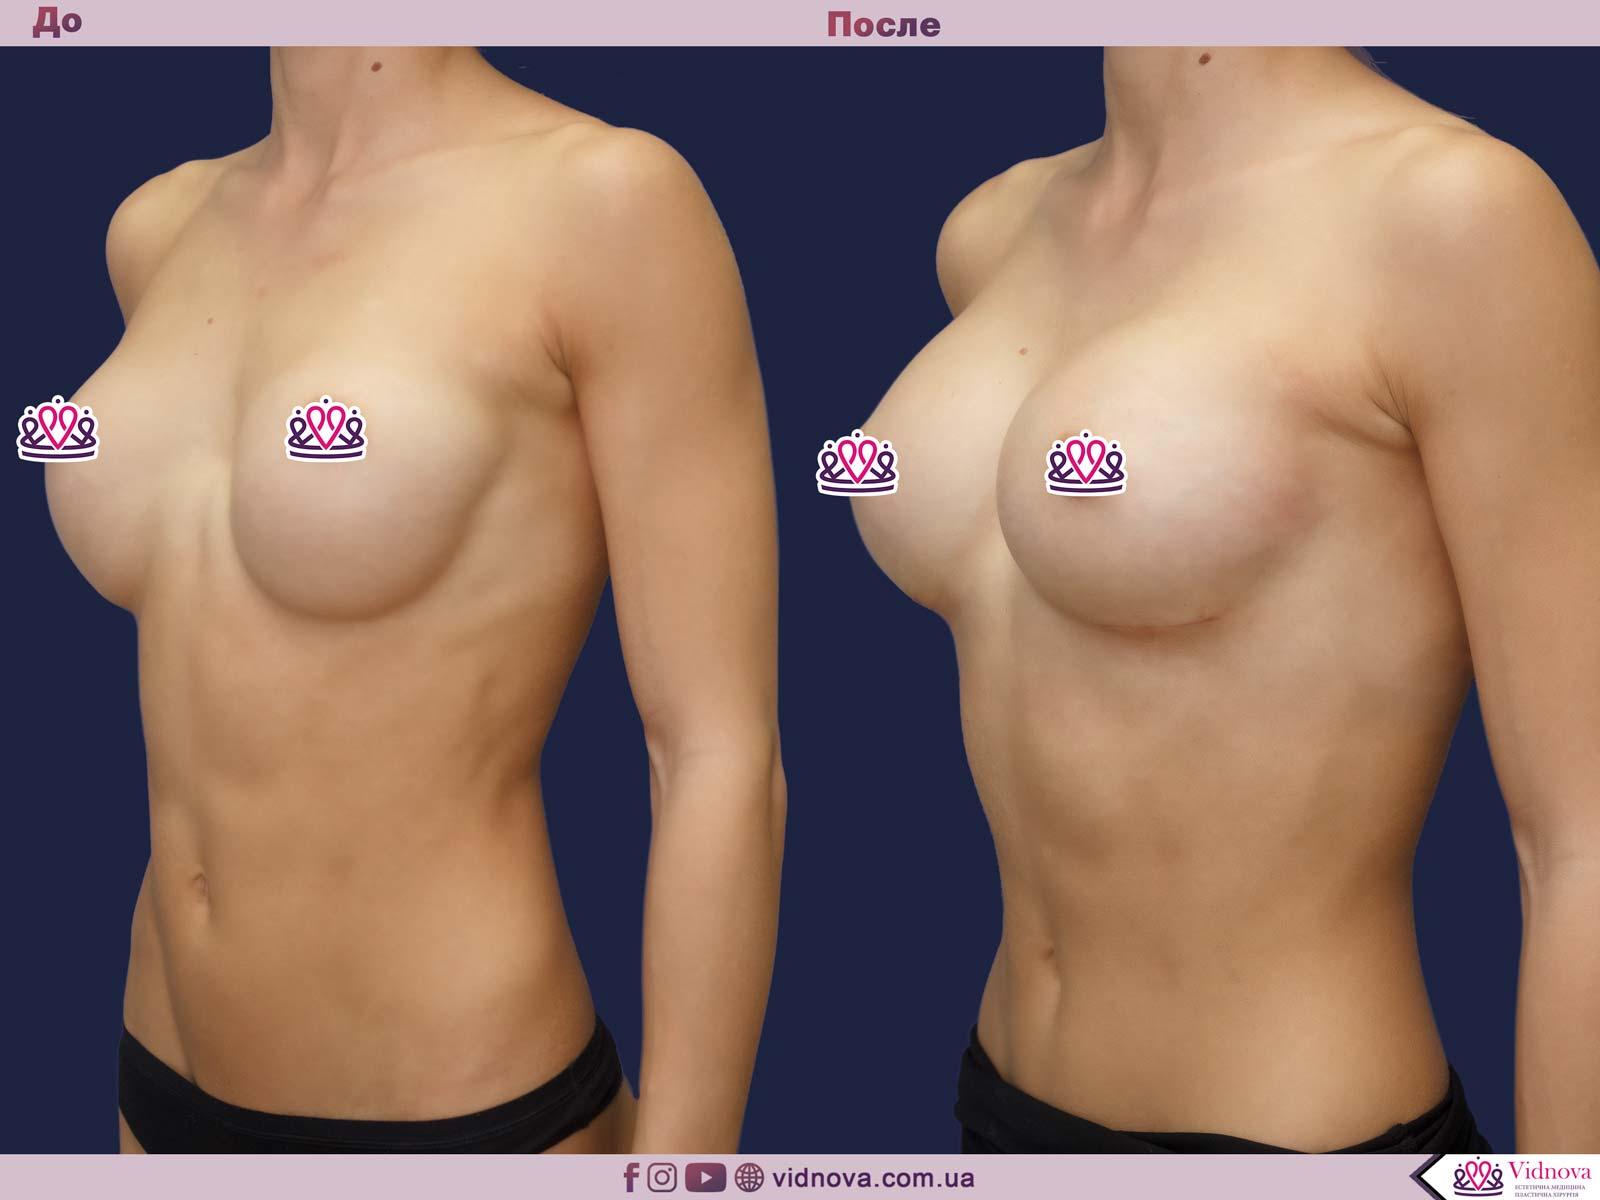 Пластика груди: результаты до и после - Пример №38-1 - Светлана Работенко